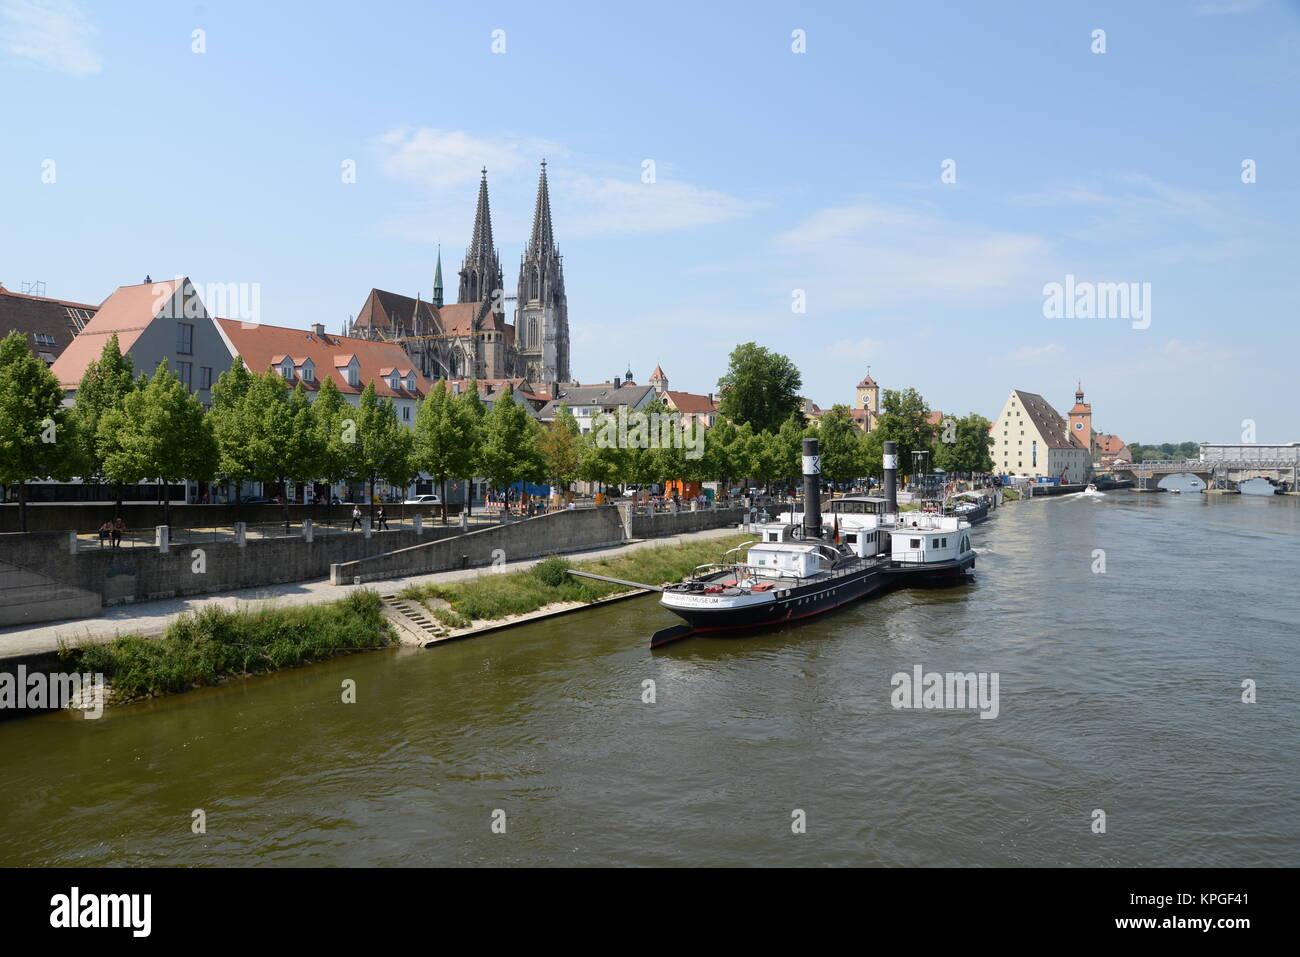 Regensburger Dom, dom, regensburg, kirche, bayern, deutschland, brd, donau, fluss, stadt, schiff, raddampfer, ufer, Stock Photo